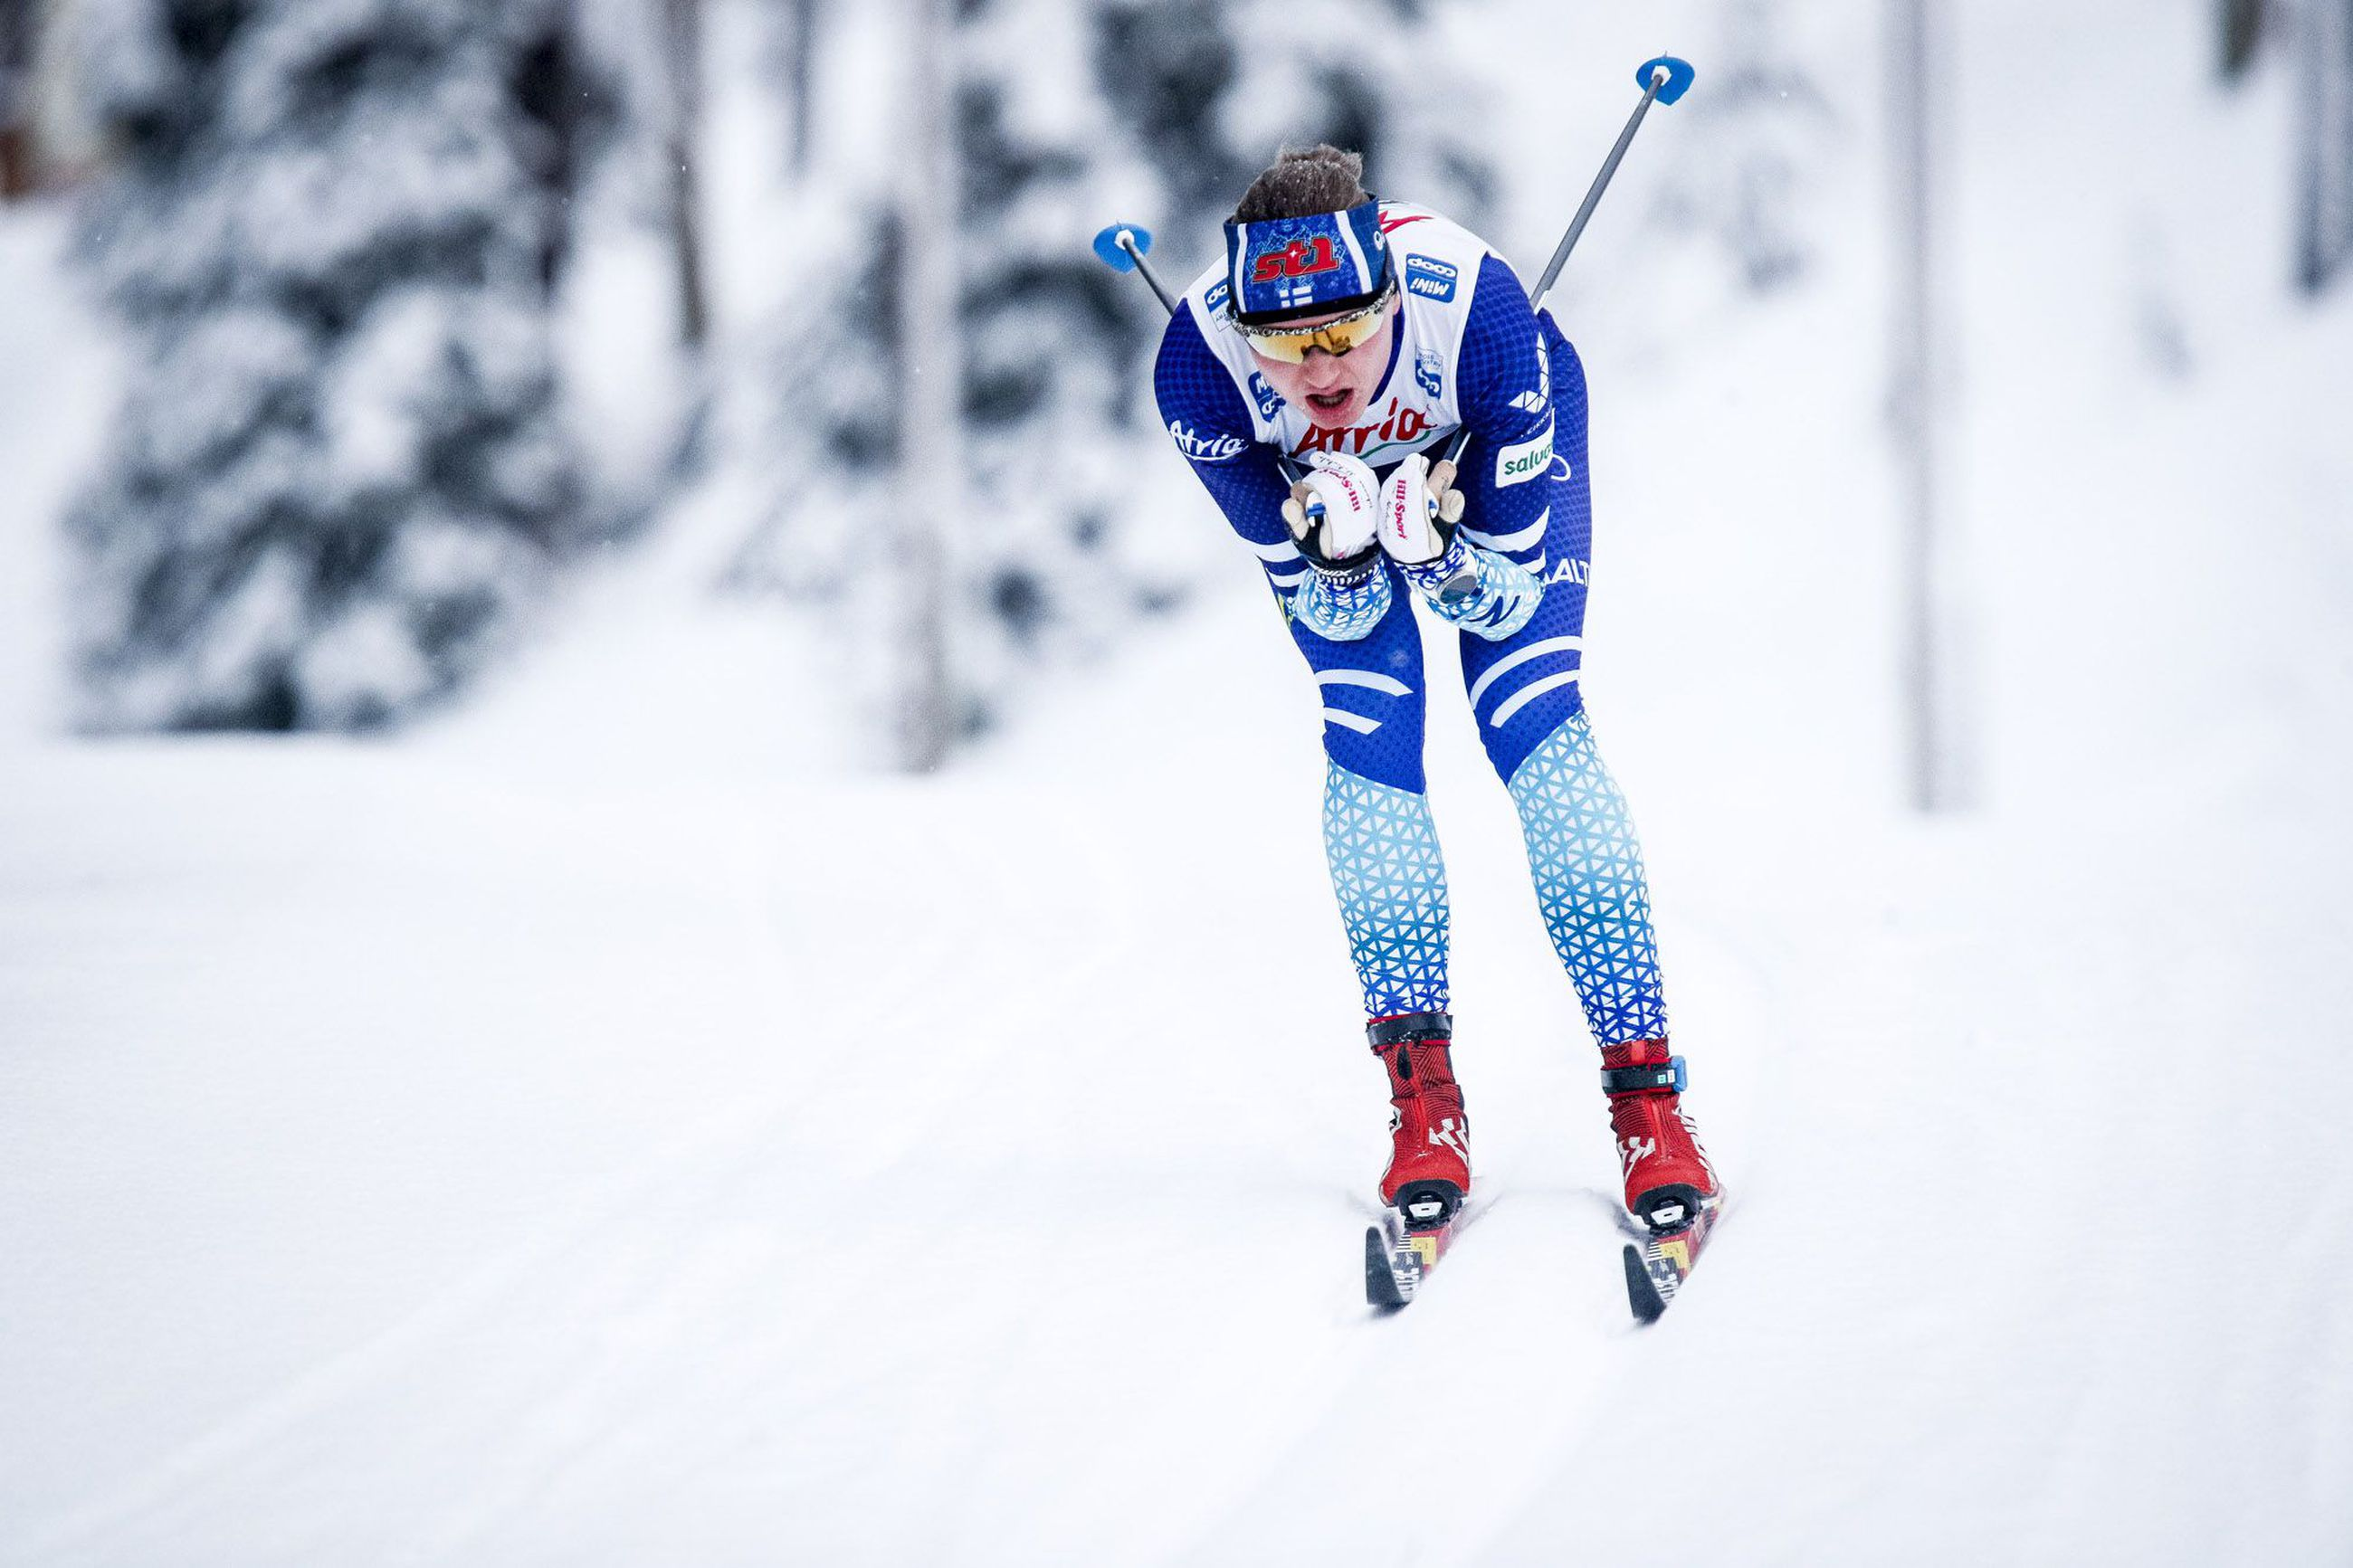 Johanna Leinonen